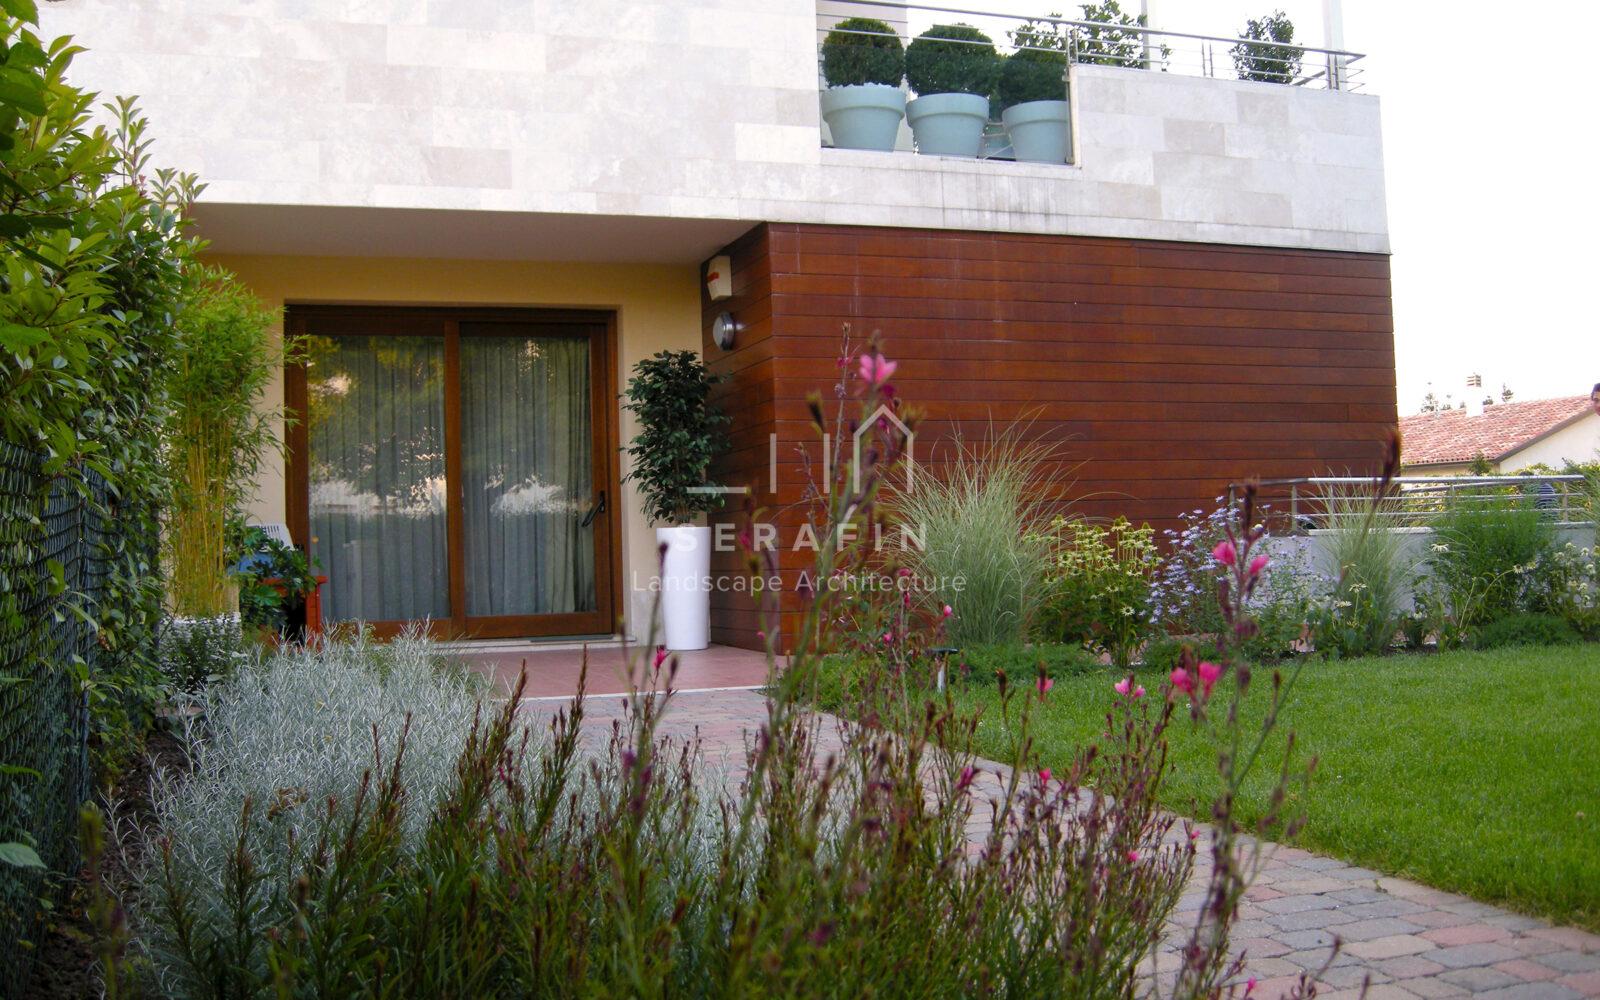 giardino privato con erbacee perenni a Treviso - 7